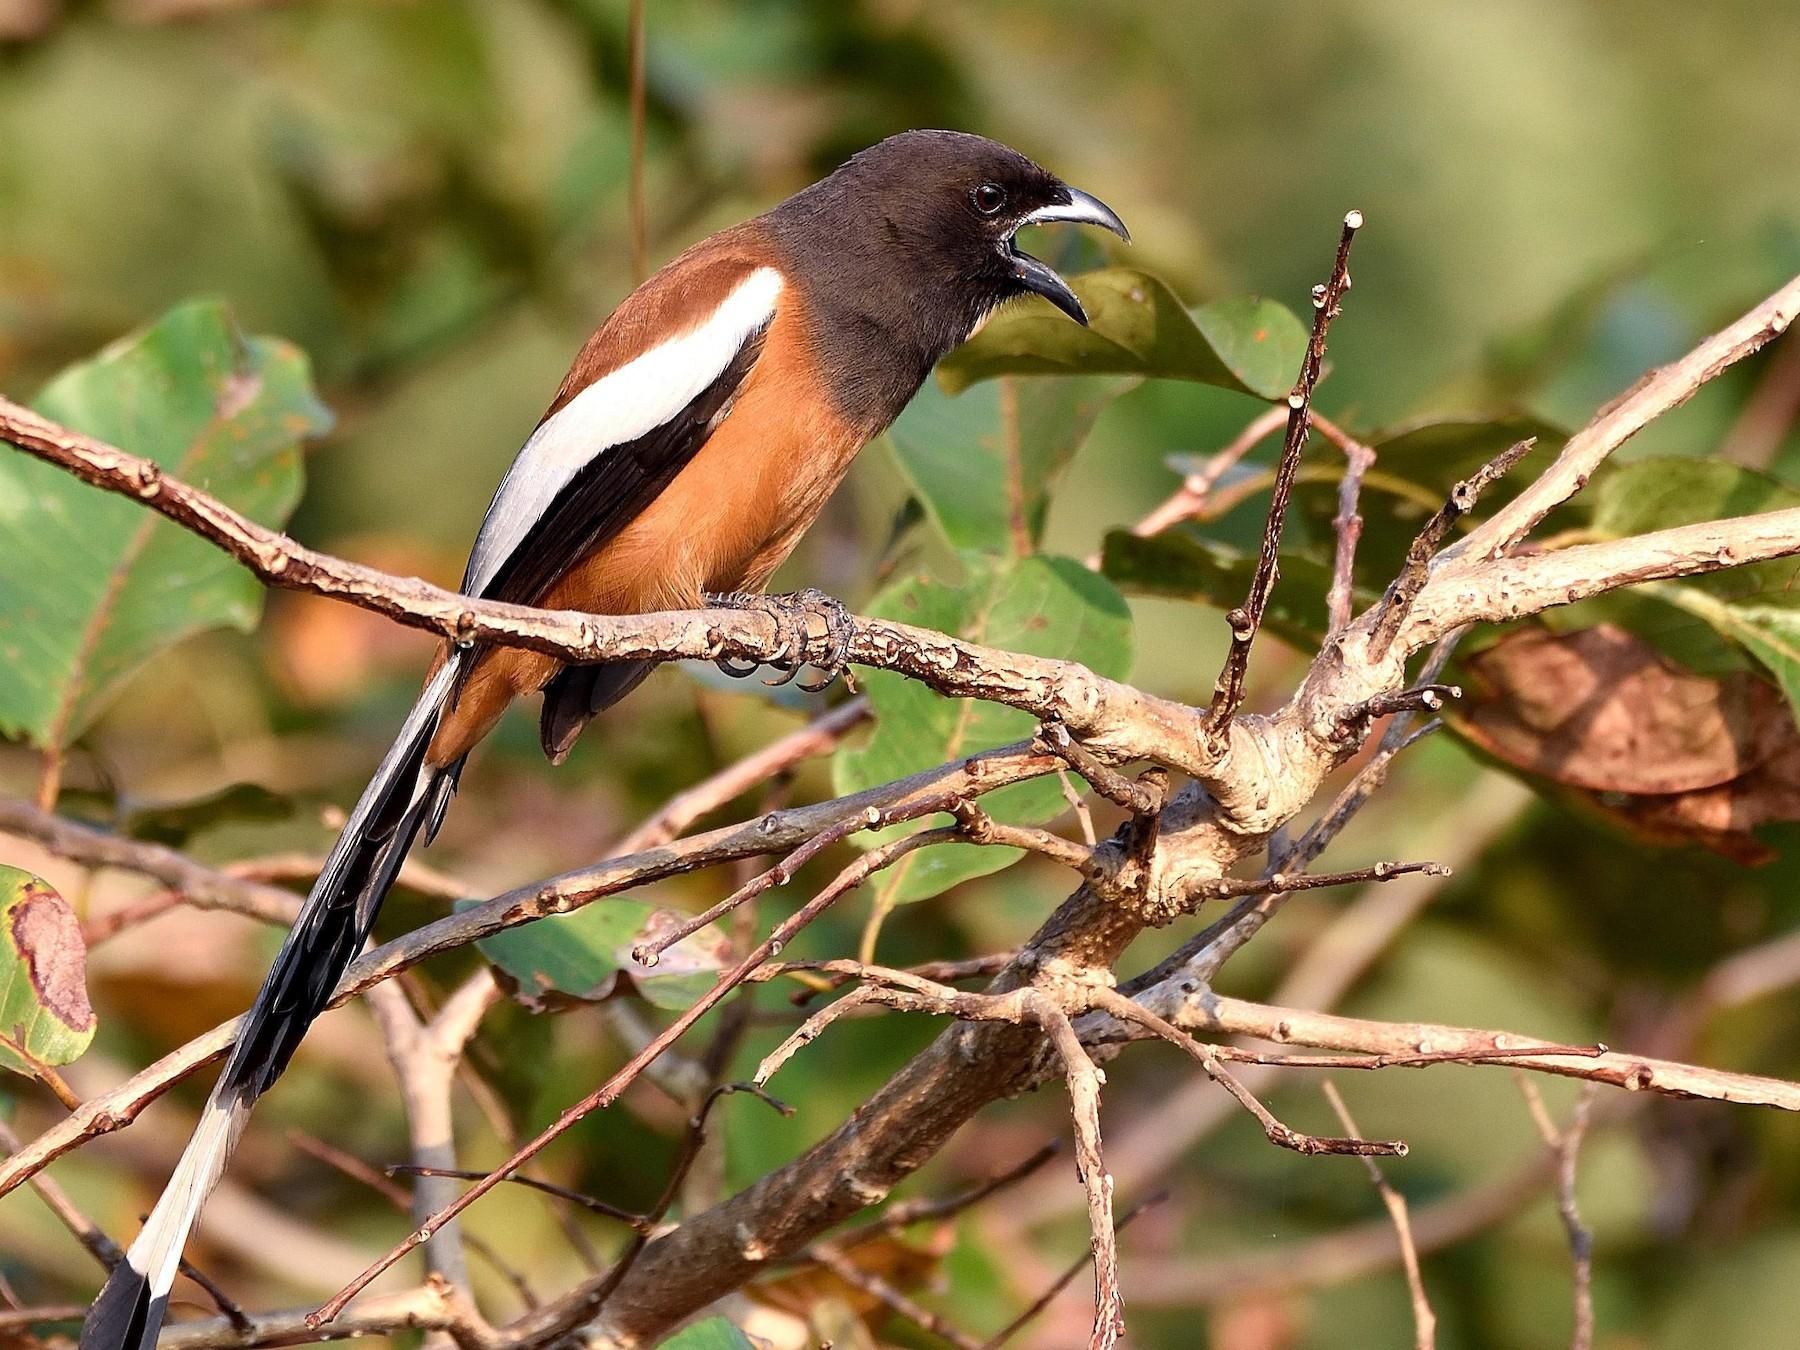 Rufous Treepie - Arun Prabhu